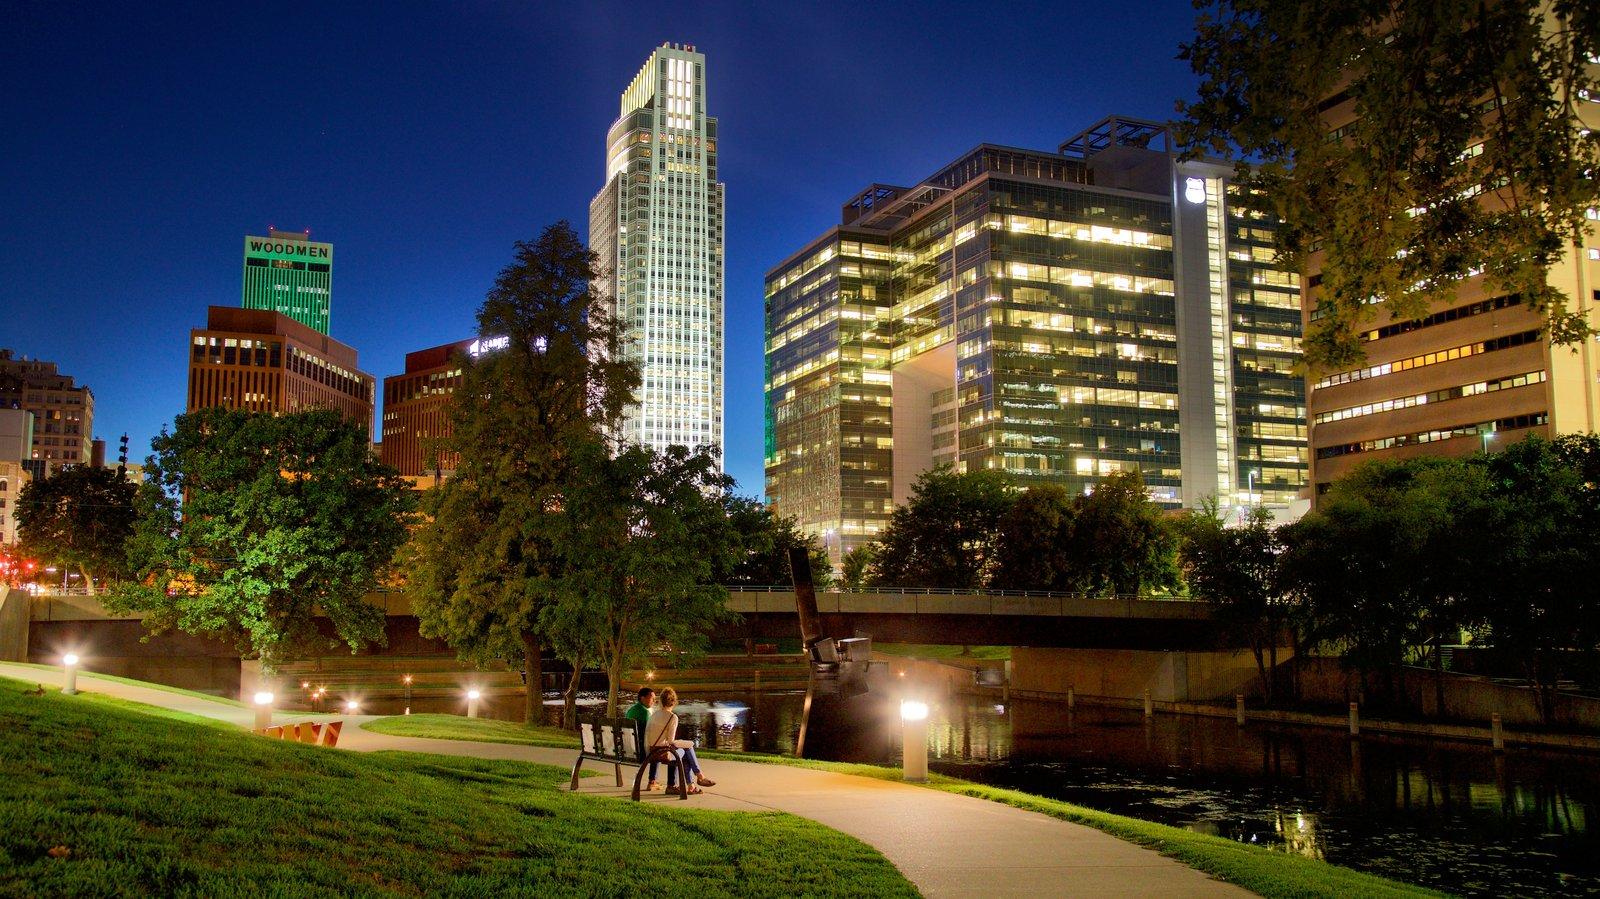 Omaha caracterizando cenas noturnas, um parque e um rio ou córrego